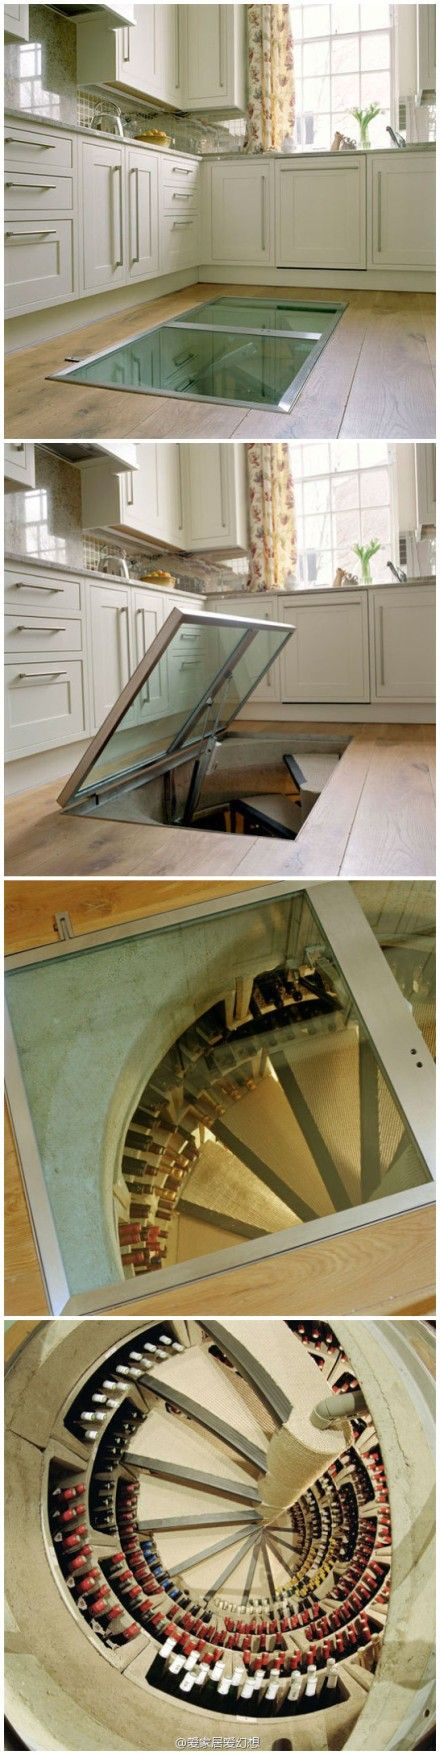 Idée pour le vin?  Une cave à vin directement sous votre cuisine facile d'accès.